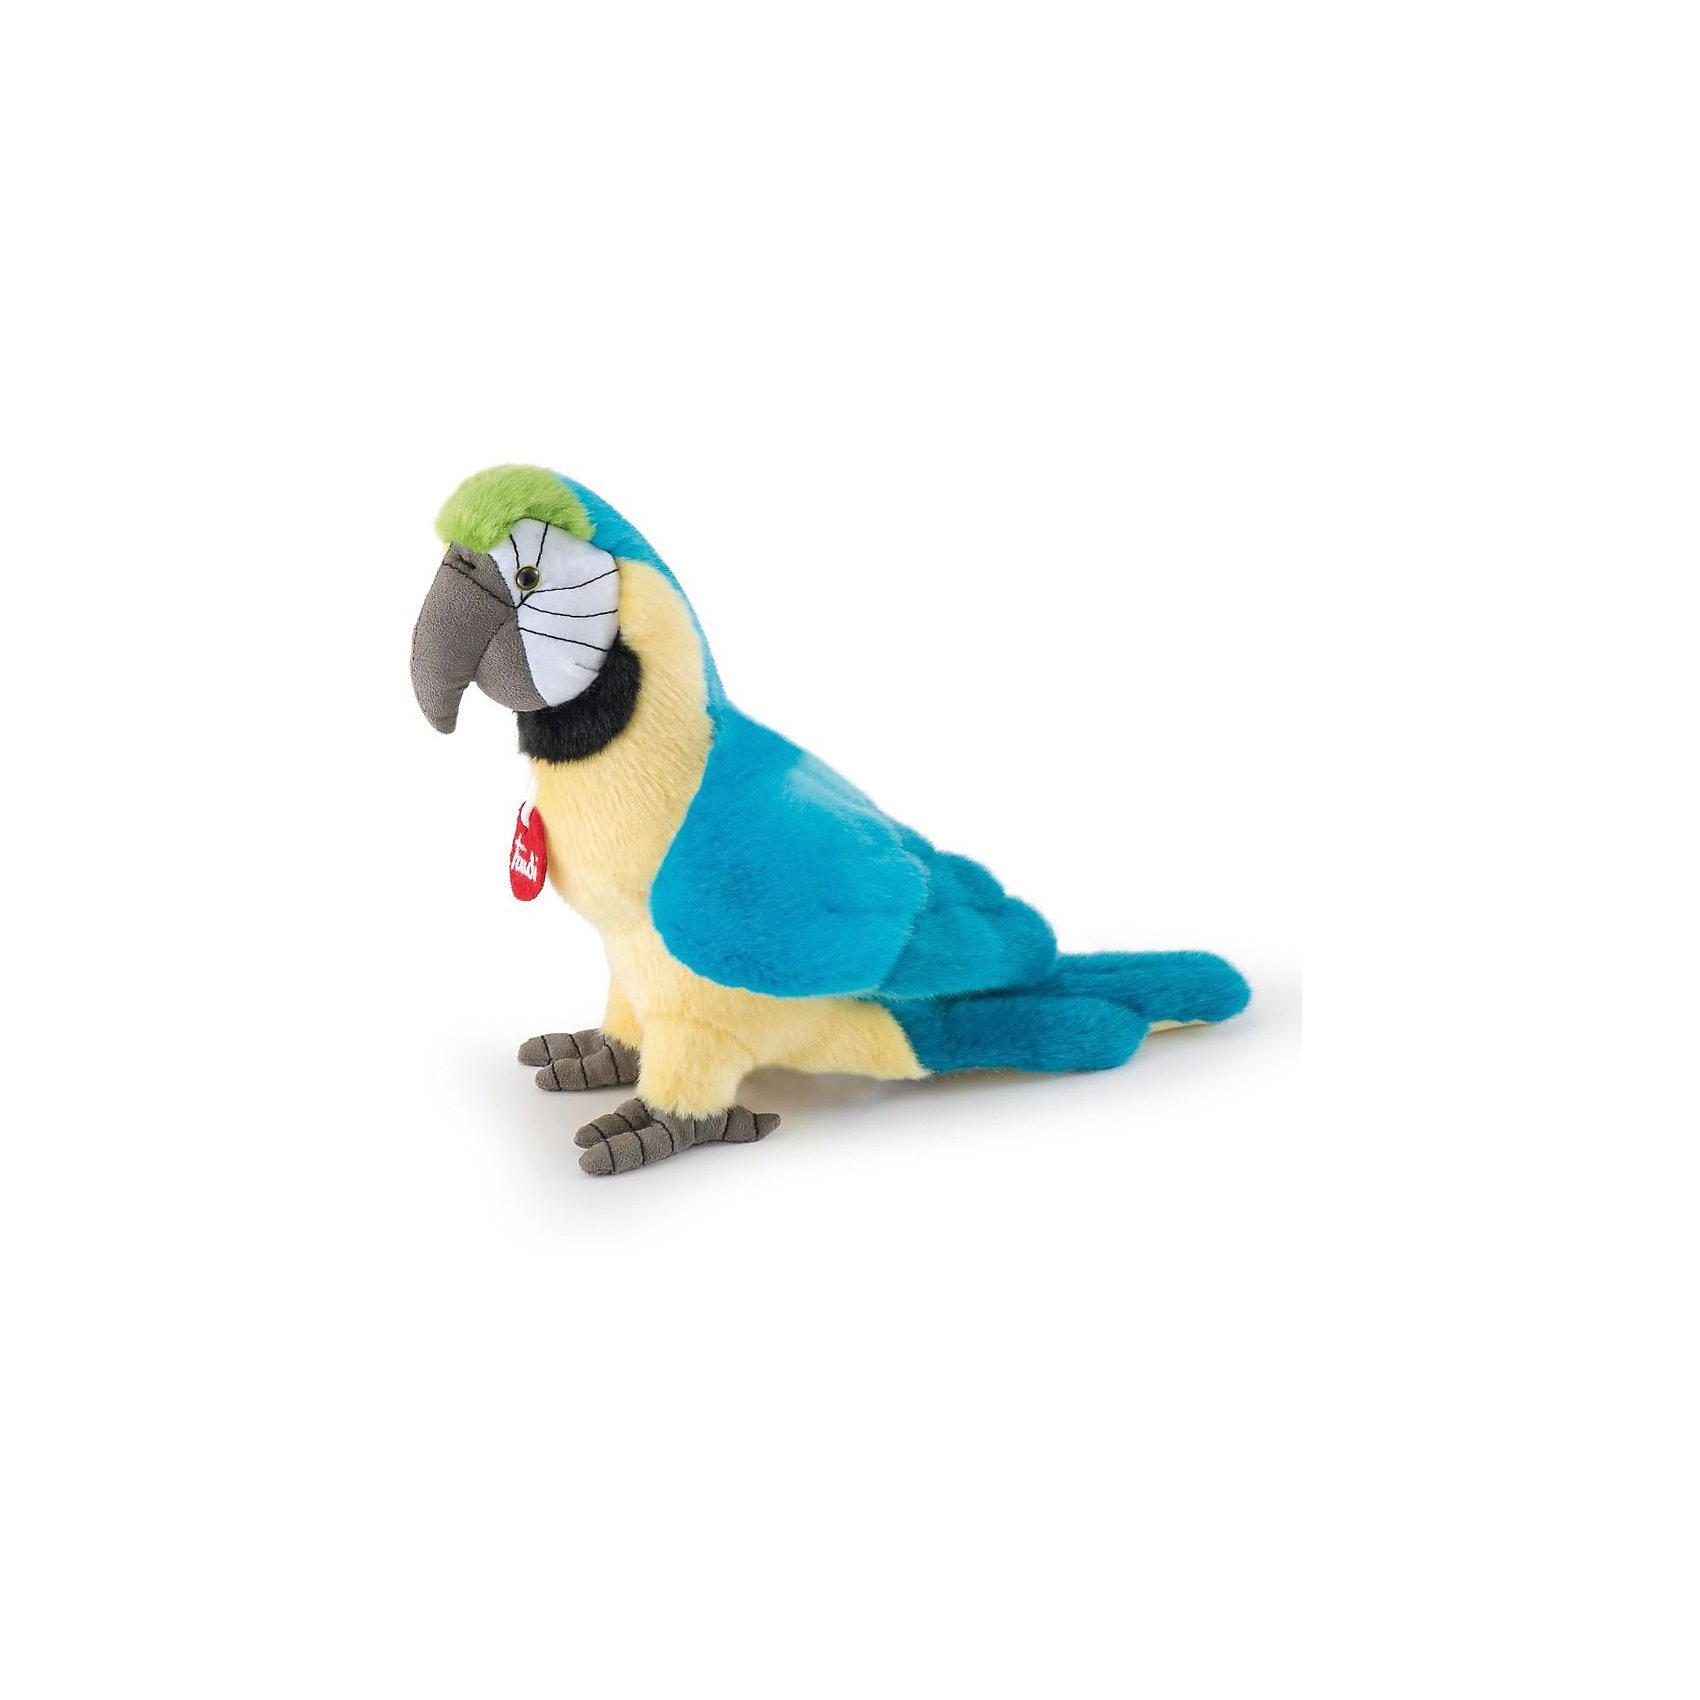 Голубой попугай Кристофоро, 32 см, TrudiЗвери и птицы<br>Характеристики товара:<br><br>• возраст от 3 лет;<br>• материал: плюш, пластик;<br>• высота игрушки 32 см;<br>• размер упаковки 26х21х29 см;<br>• вес упаковки 110 гр.;<br>• страна производитель Индонезия.<br><br>Голубой попугай Кристофоро Trudi — яркий попугай с черными глазками-пуговками, с голубыми крыльями и серым клювом. Малыш может играть с игрушкой дома, брать на прогулку, в детский садик, в гости, брать с собой в кроватку перед сном. Игрушка выполнена из приятного на ощупь качественного материала, который безопасен для детей. <br><br>Голубого попугая Кристофоро Trudi можно приобрести в нашем интернет-магазине.<br><br>Ширина мм: 260<br>Глубина мм: 210<br>Высота мм: 290<br>Вес г: 110<br>Возраст от месяцев: 36<br>Возраст до месяцев: 2147483647<br>Пол: Унисекс<br>Возраст: Детский<br>SKU: 5578421